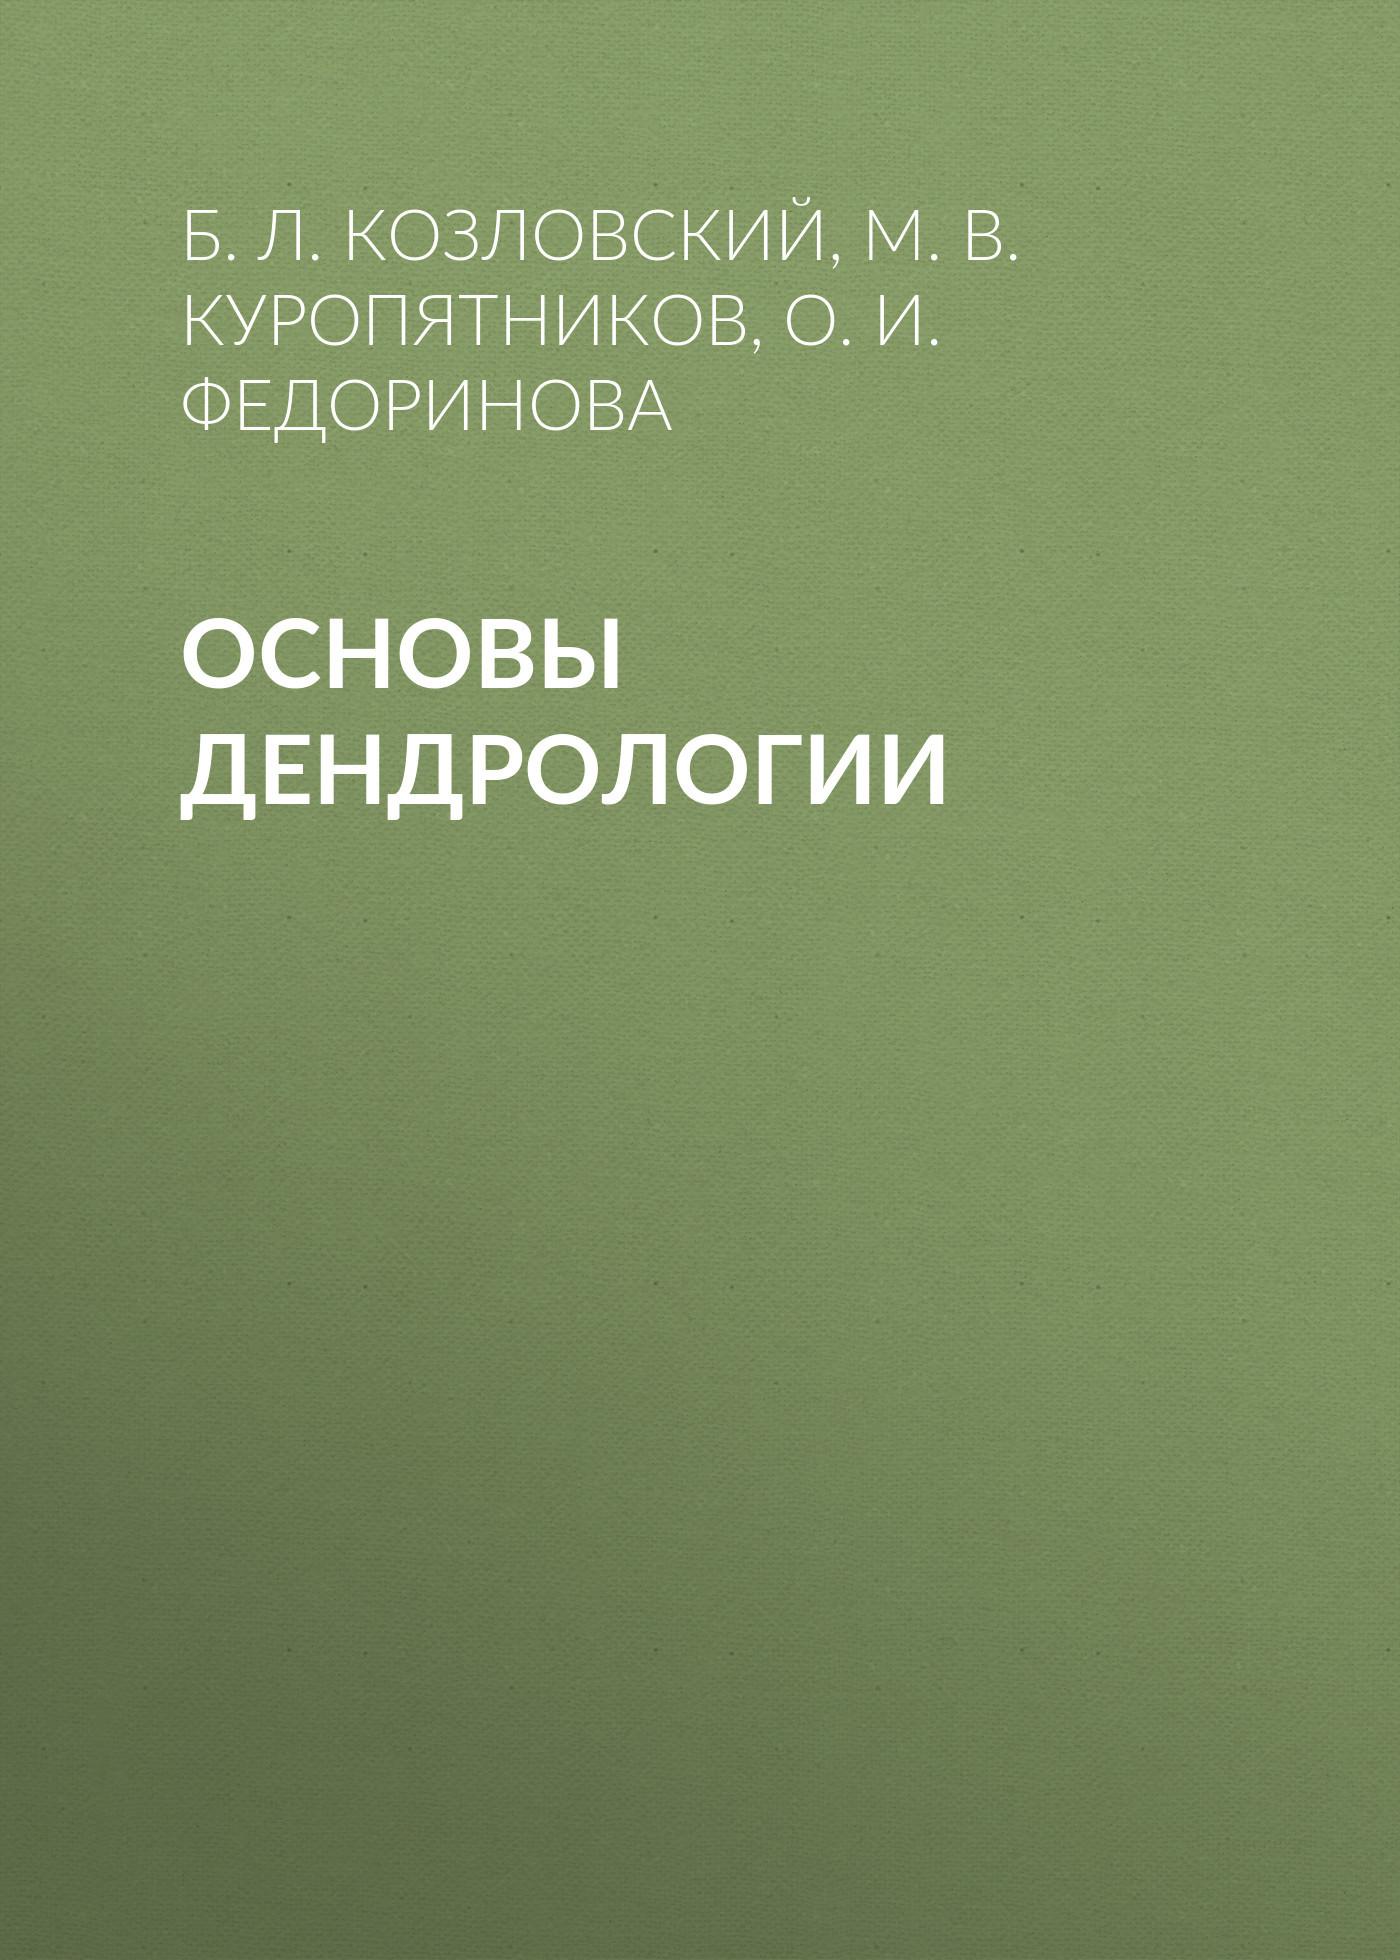 Б. Л. Козловский Основы дендрологии для растений зоны степей характерны